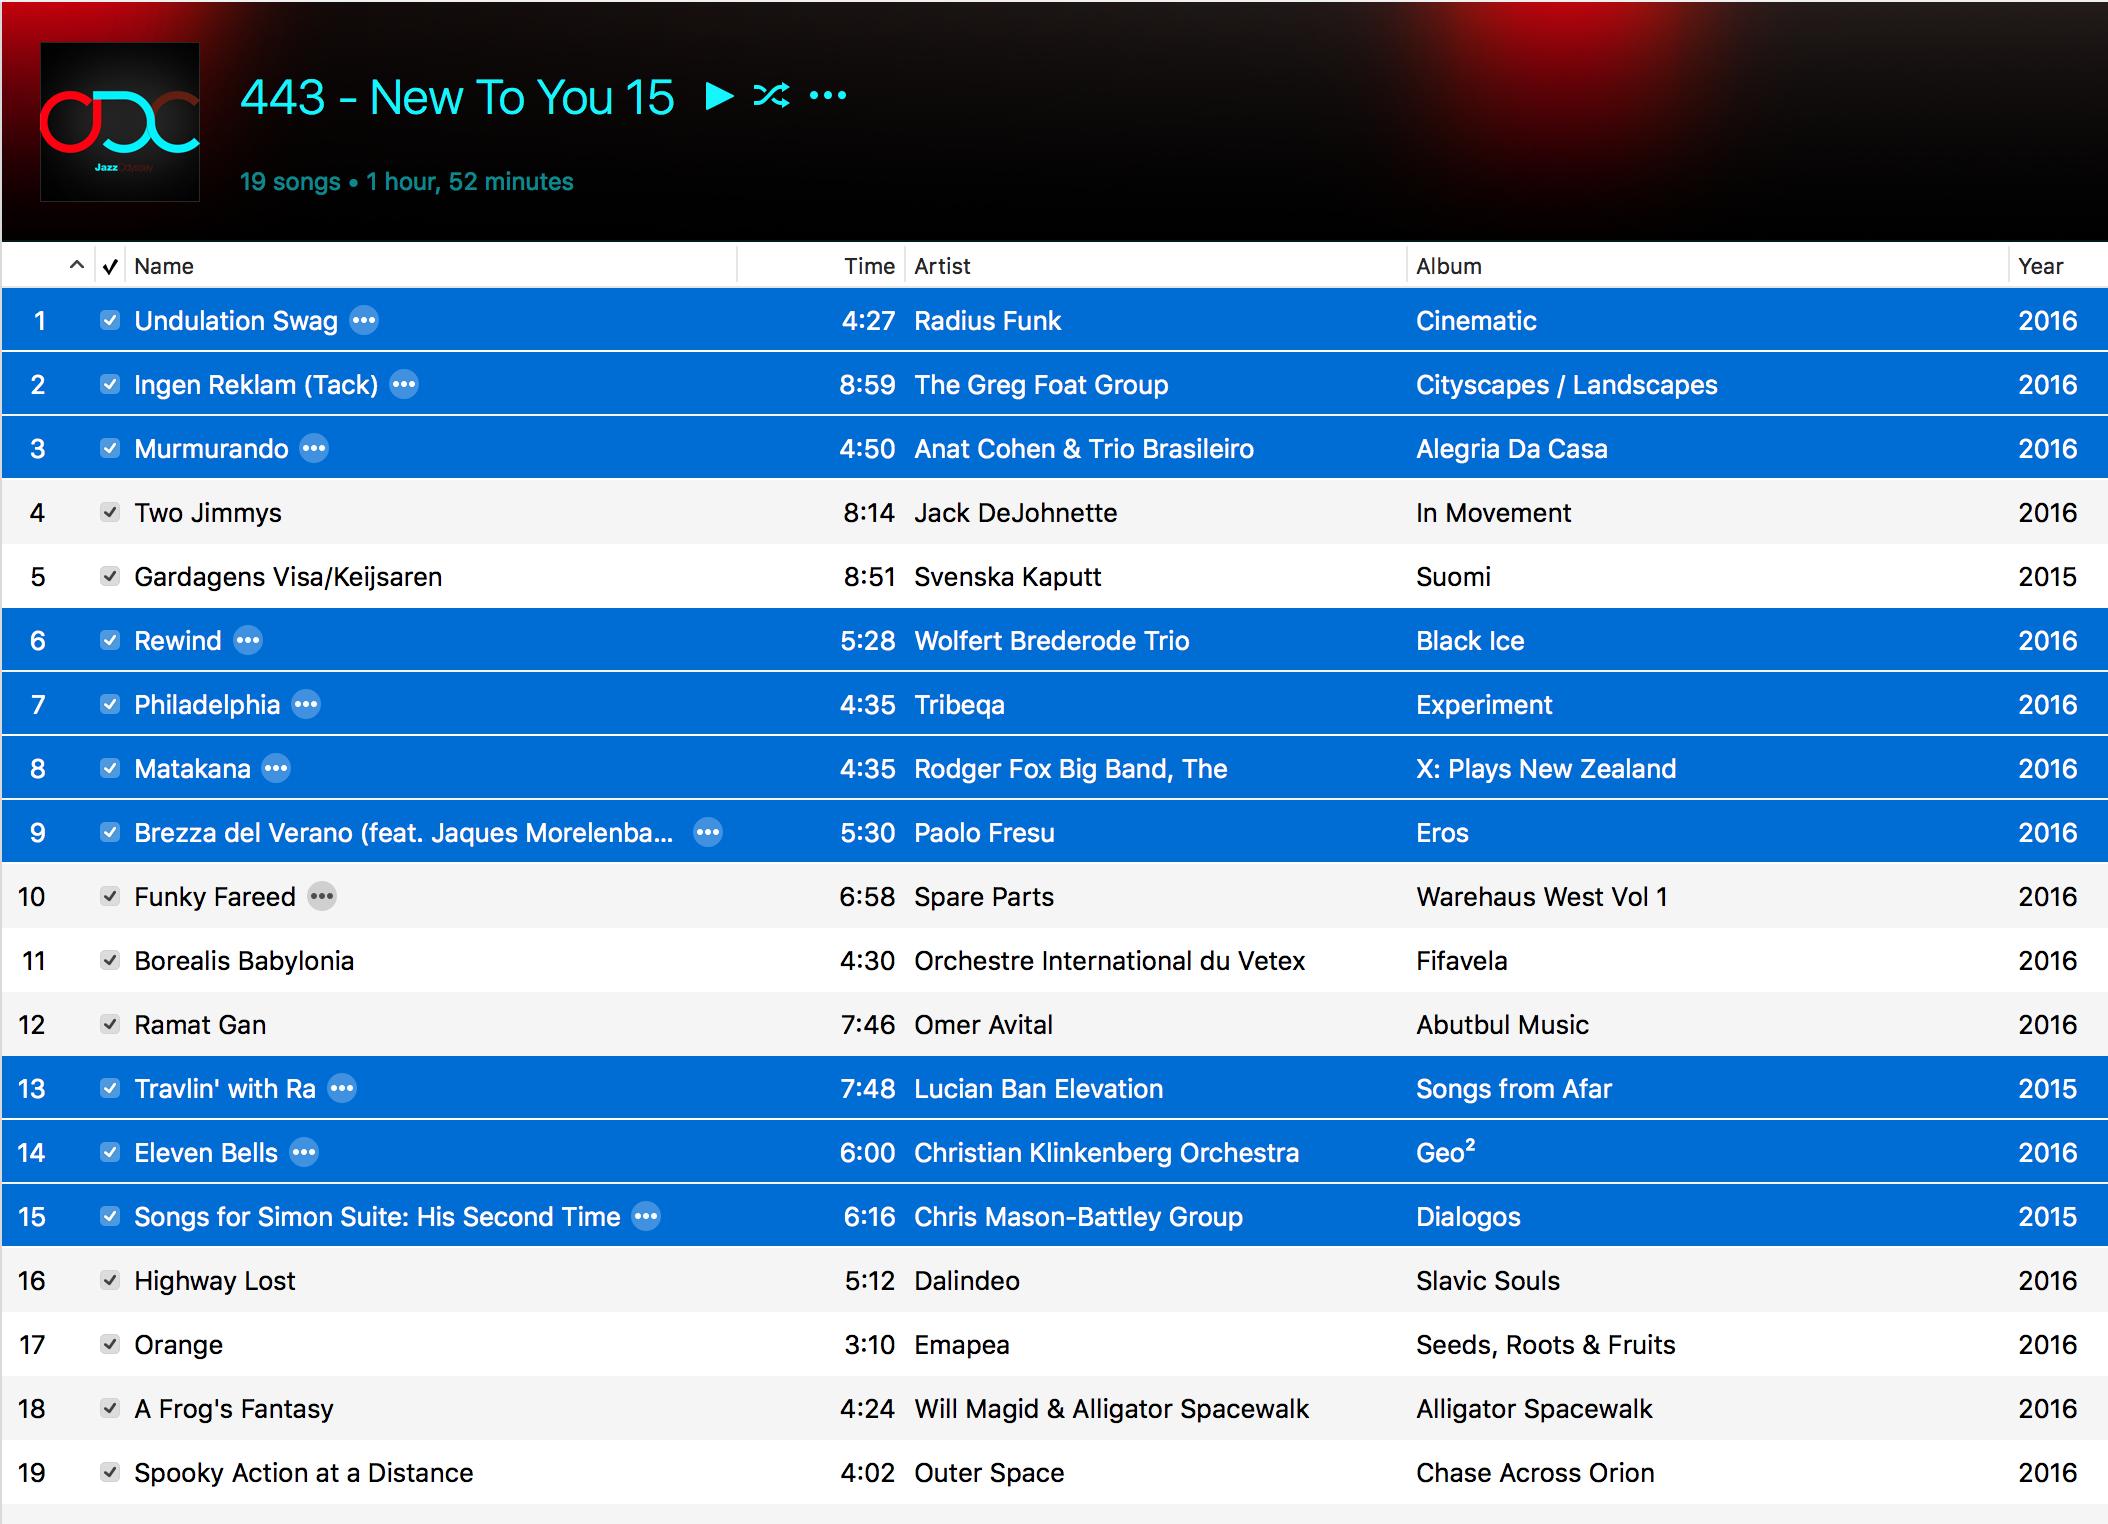 Jazz ODC #443 - New To You - Playlist